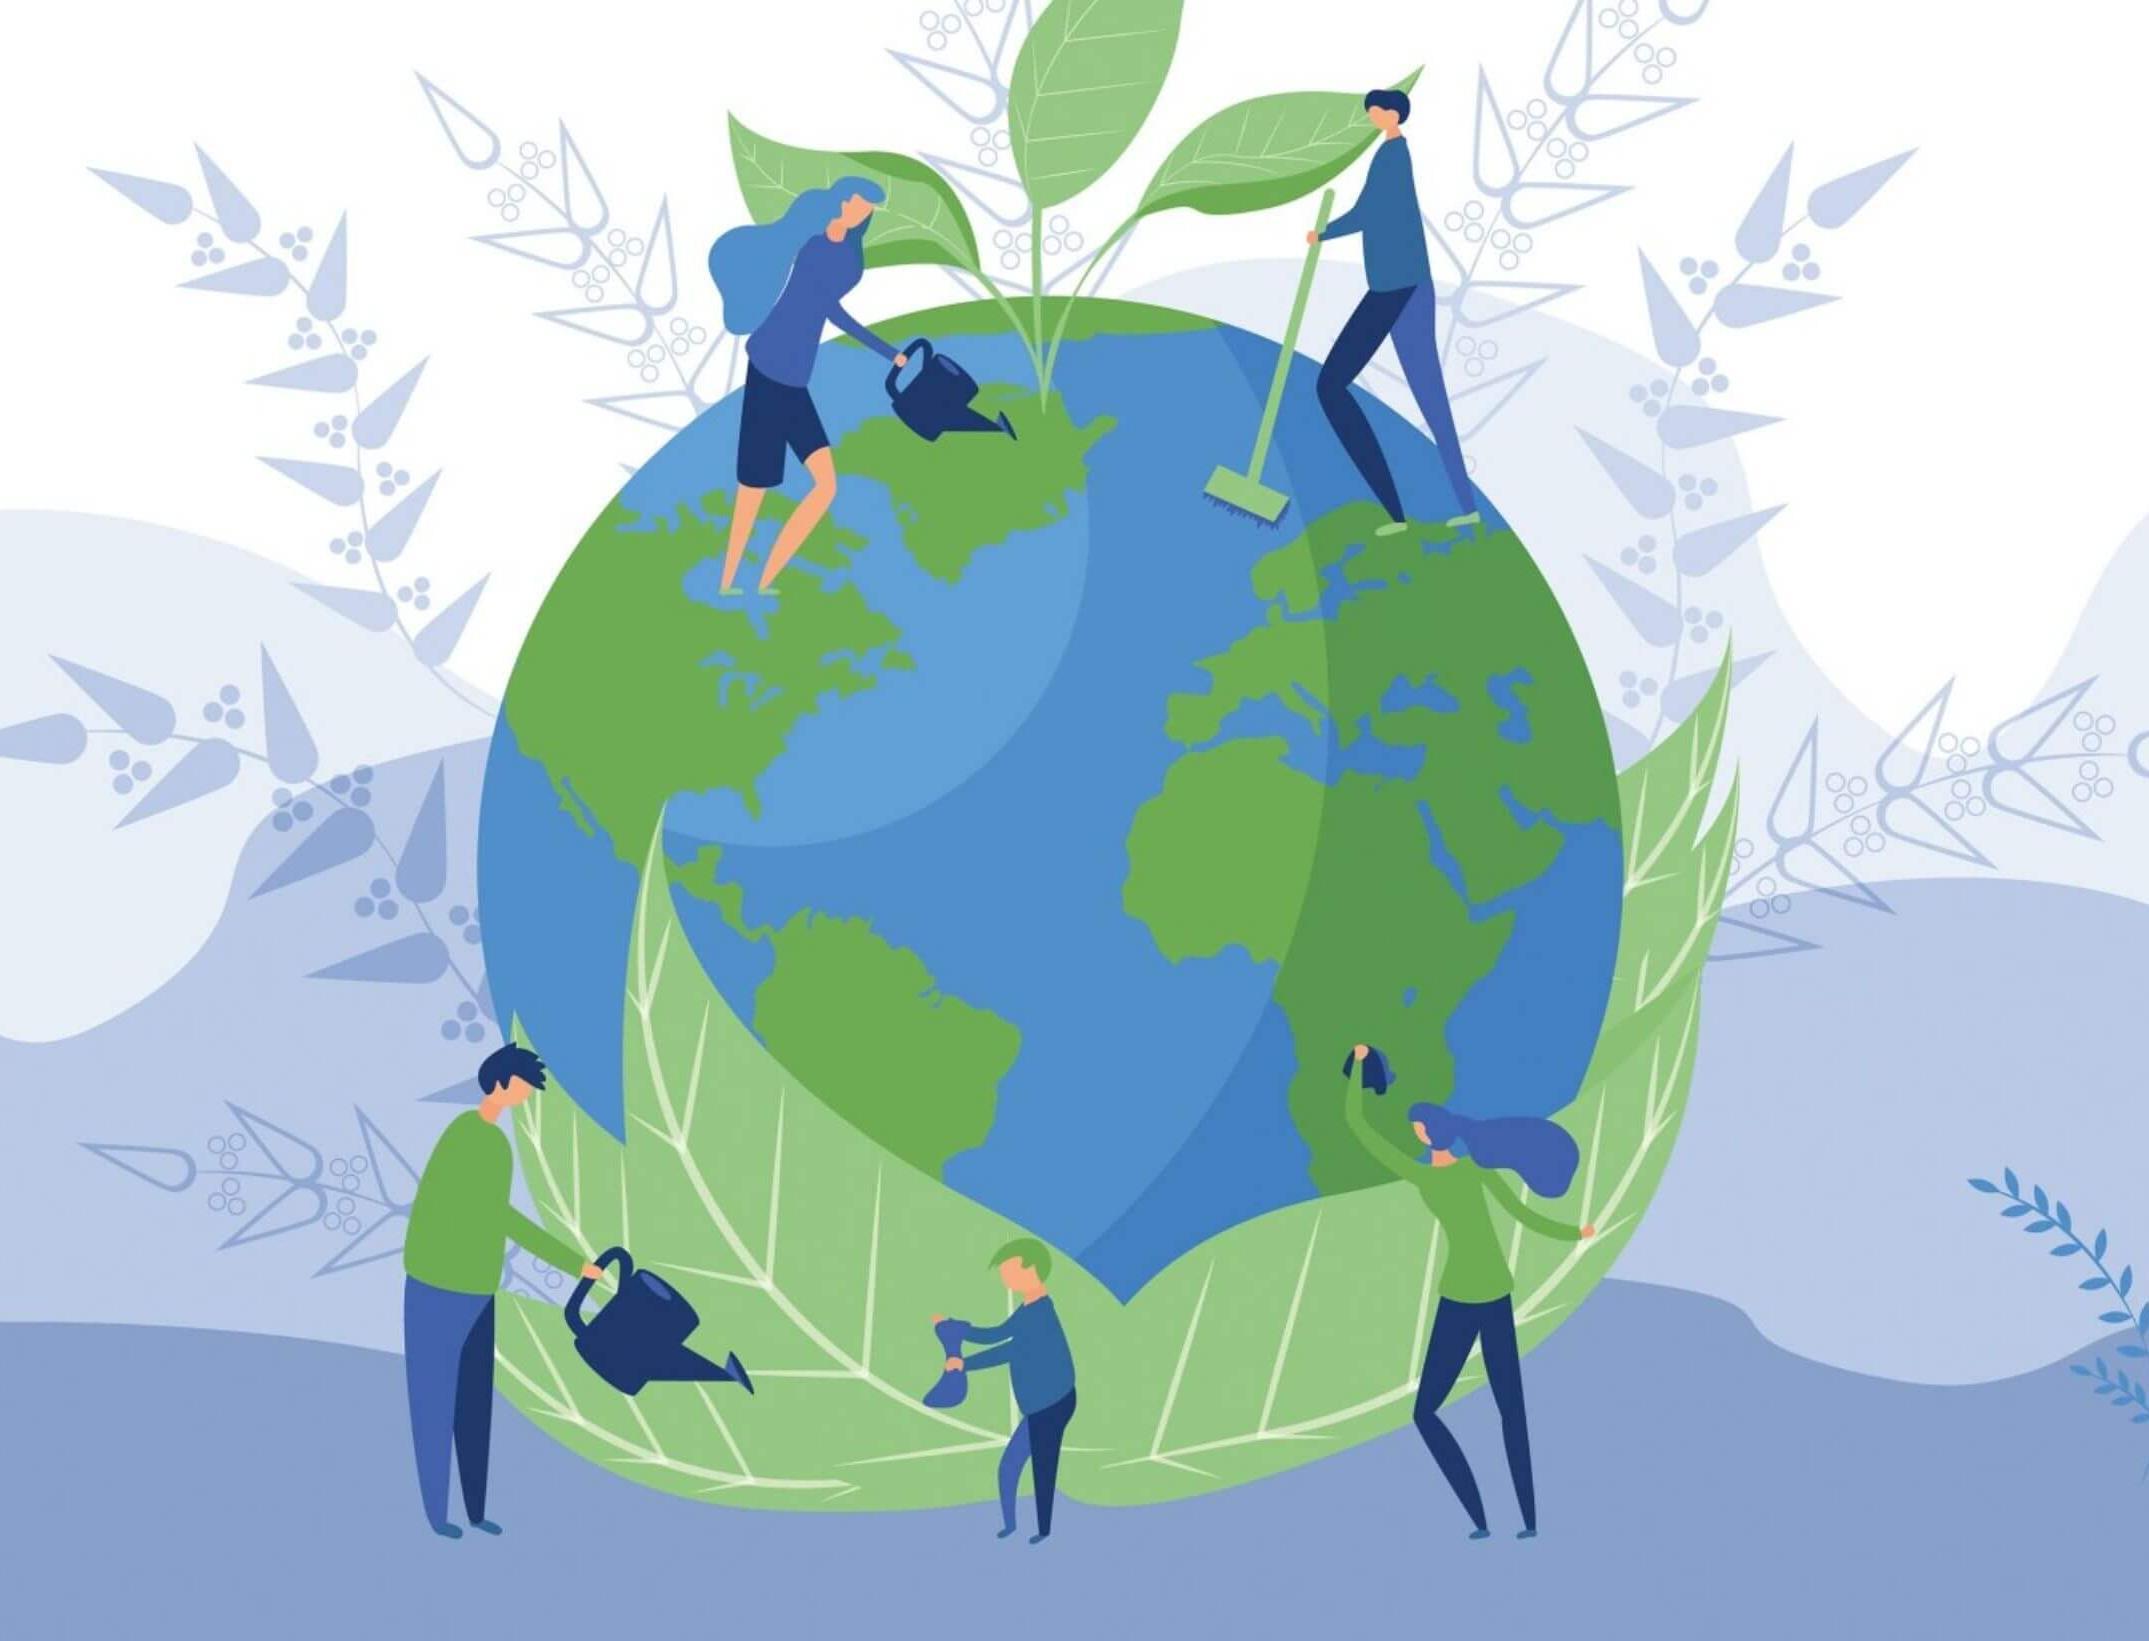 В Подмосковье состоится Ярмарка экологических проектов